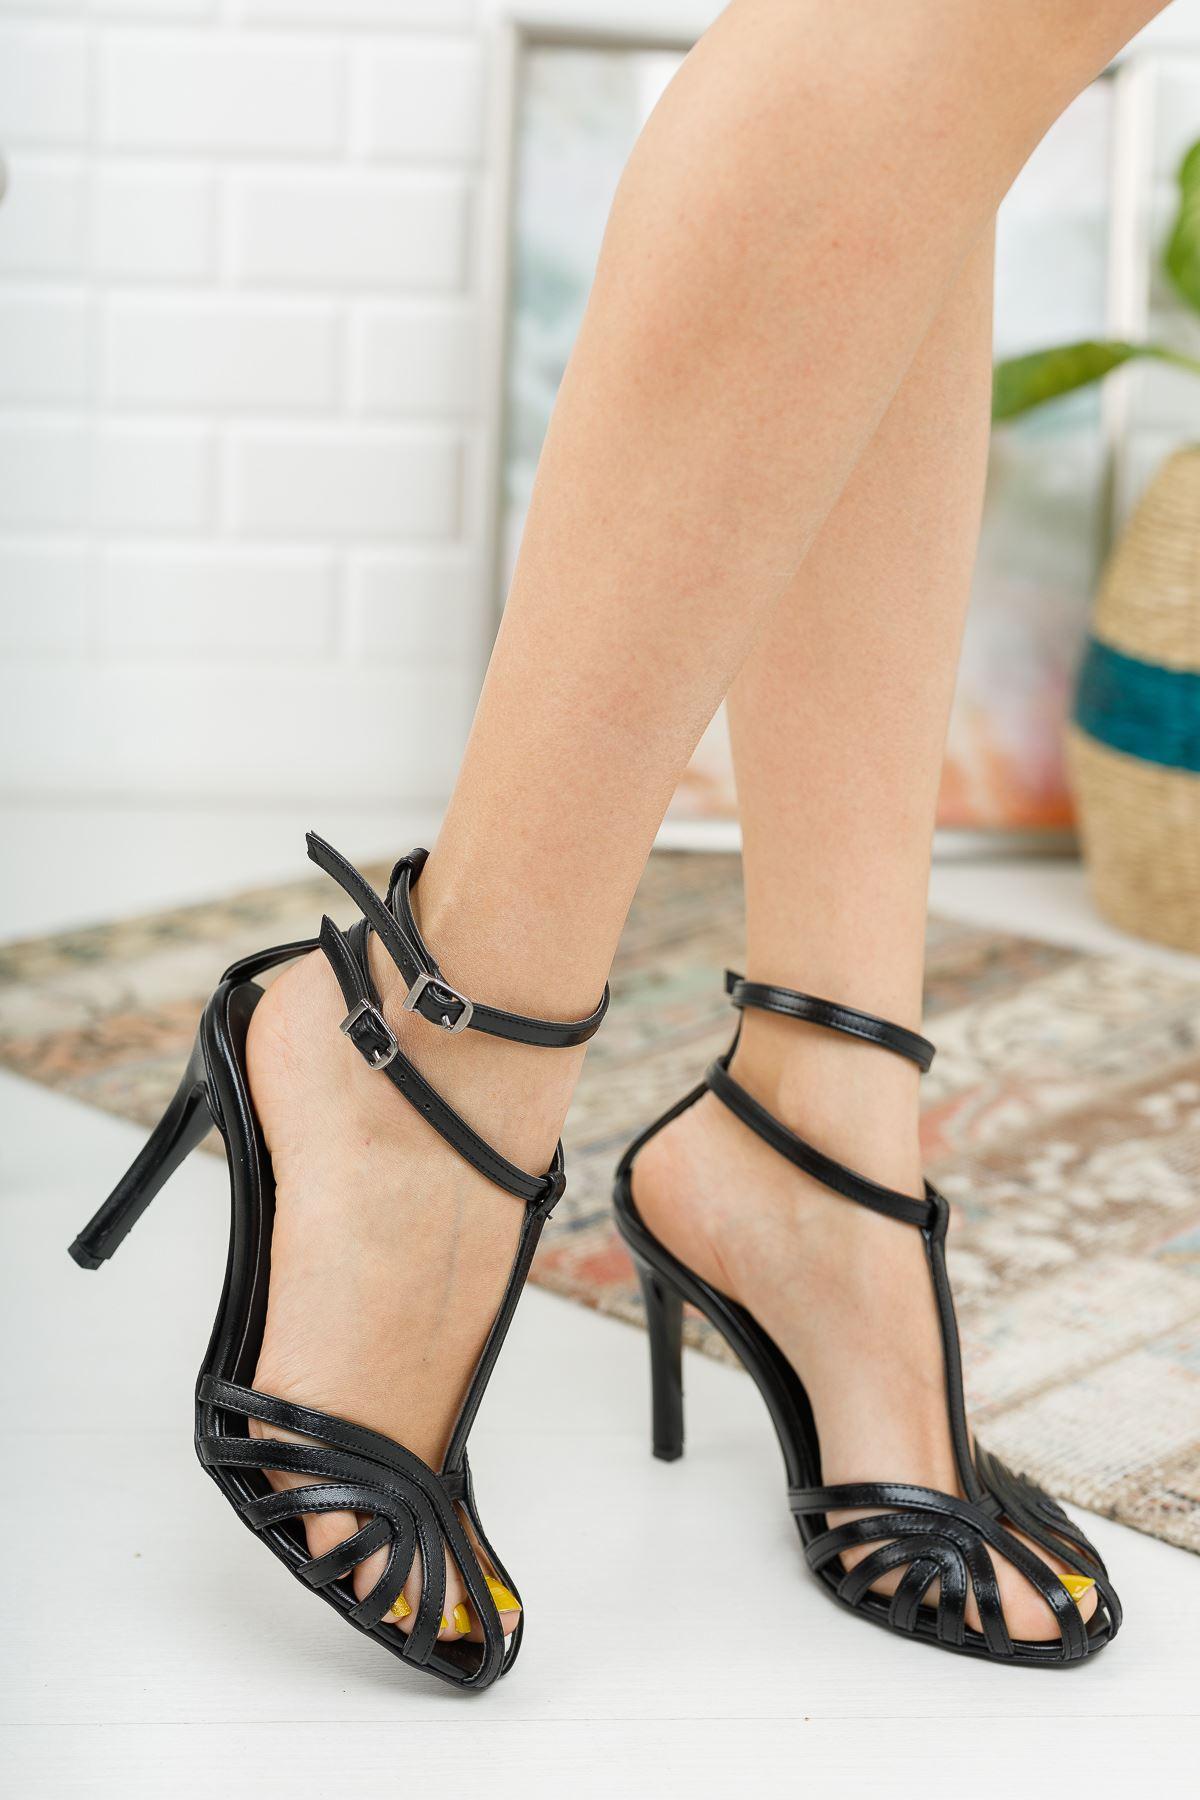 Farcos Siyah Biyeli Çift Baret Tokalı Topuklu Kadın Ayakkabı